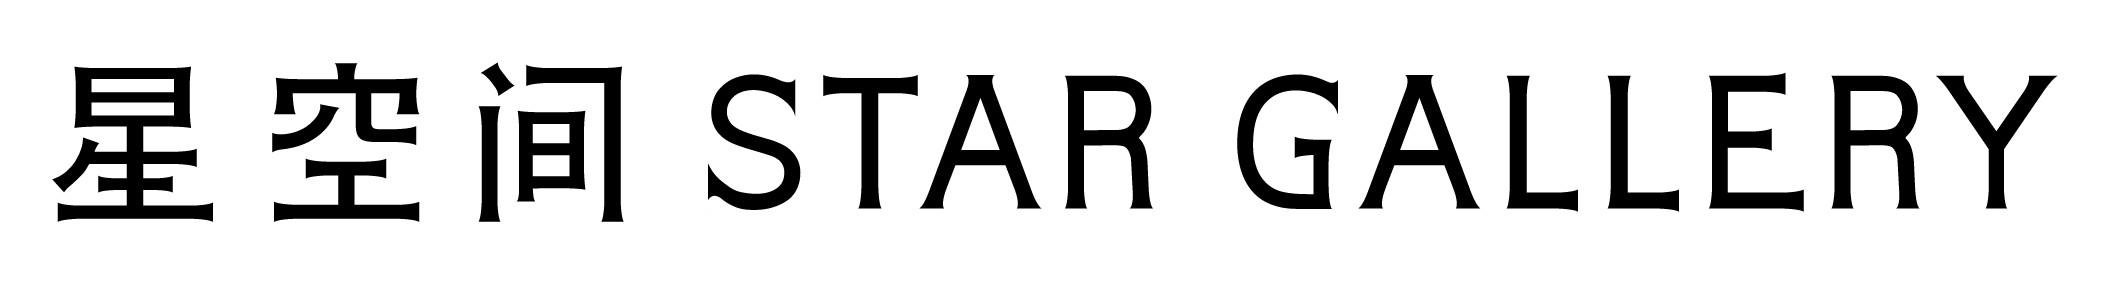 星空间|2021 北京当代艺术博览会 北京 艺术 博览会 星空间|2021 星空间画廊 展位 陈可 金氏 康好贤 李珊 崇真艺客